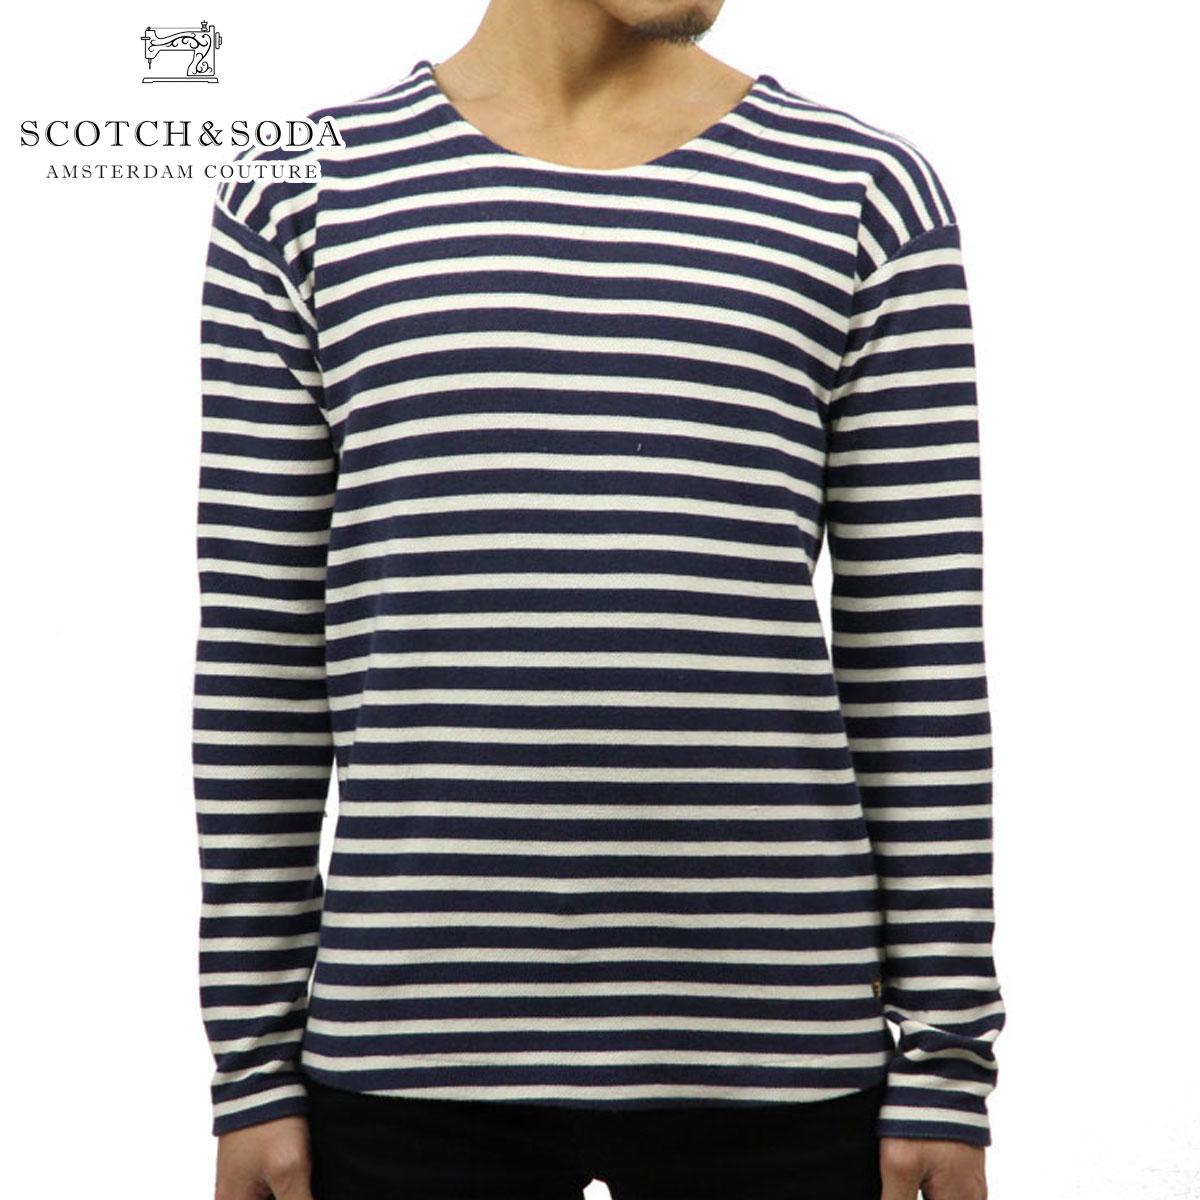 スコッチアンドソーダ SCOTCH&SODA 正規販売店 メンズ 長袖Tシャツ STRIPED PIQUZ T-SHIRT 136442 0220 COMBO D D00S15